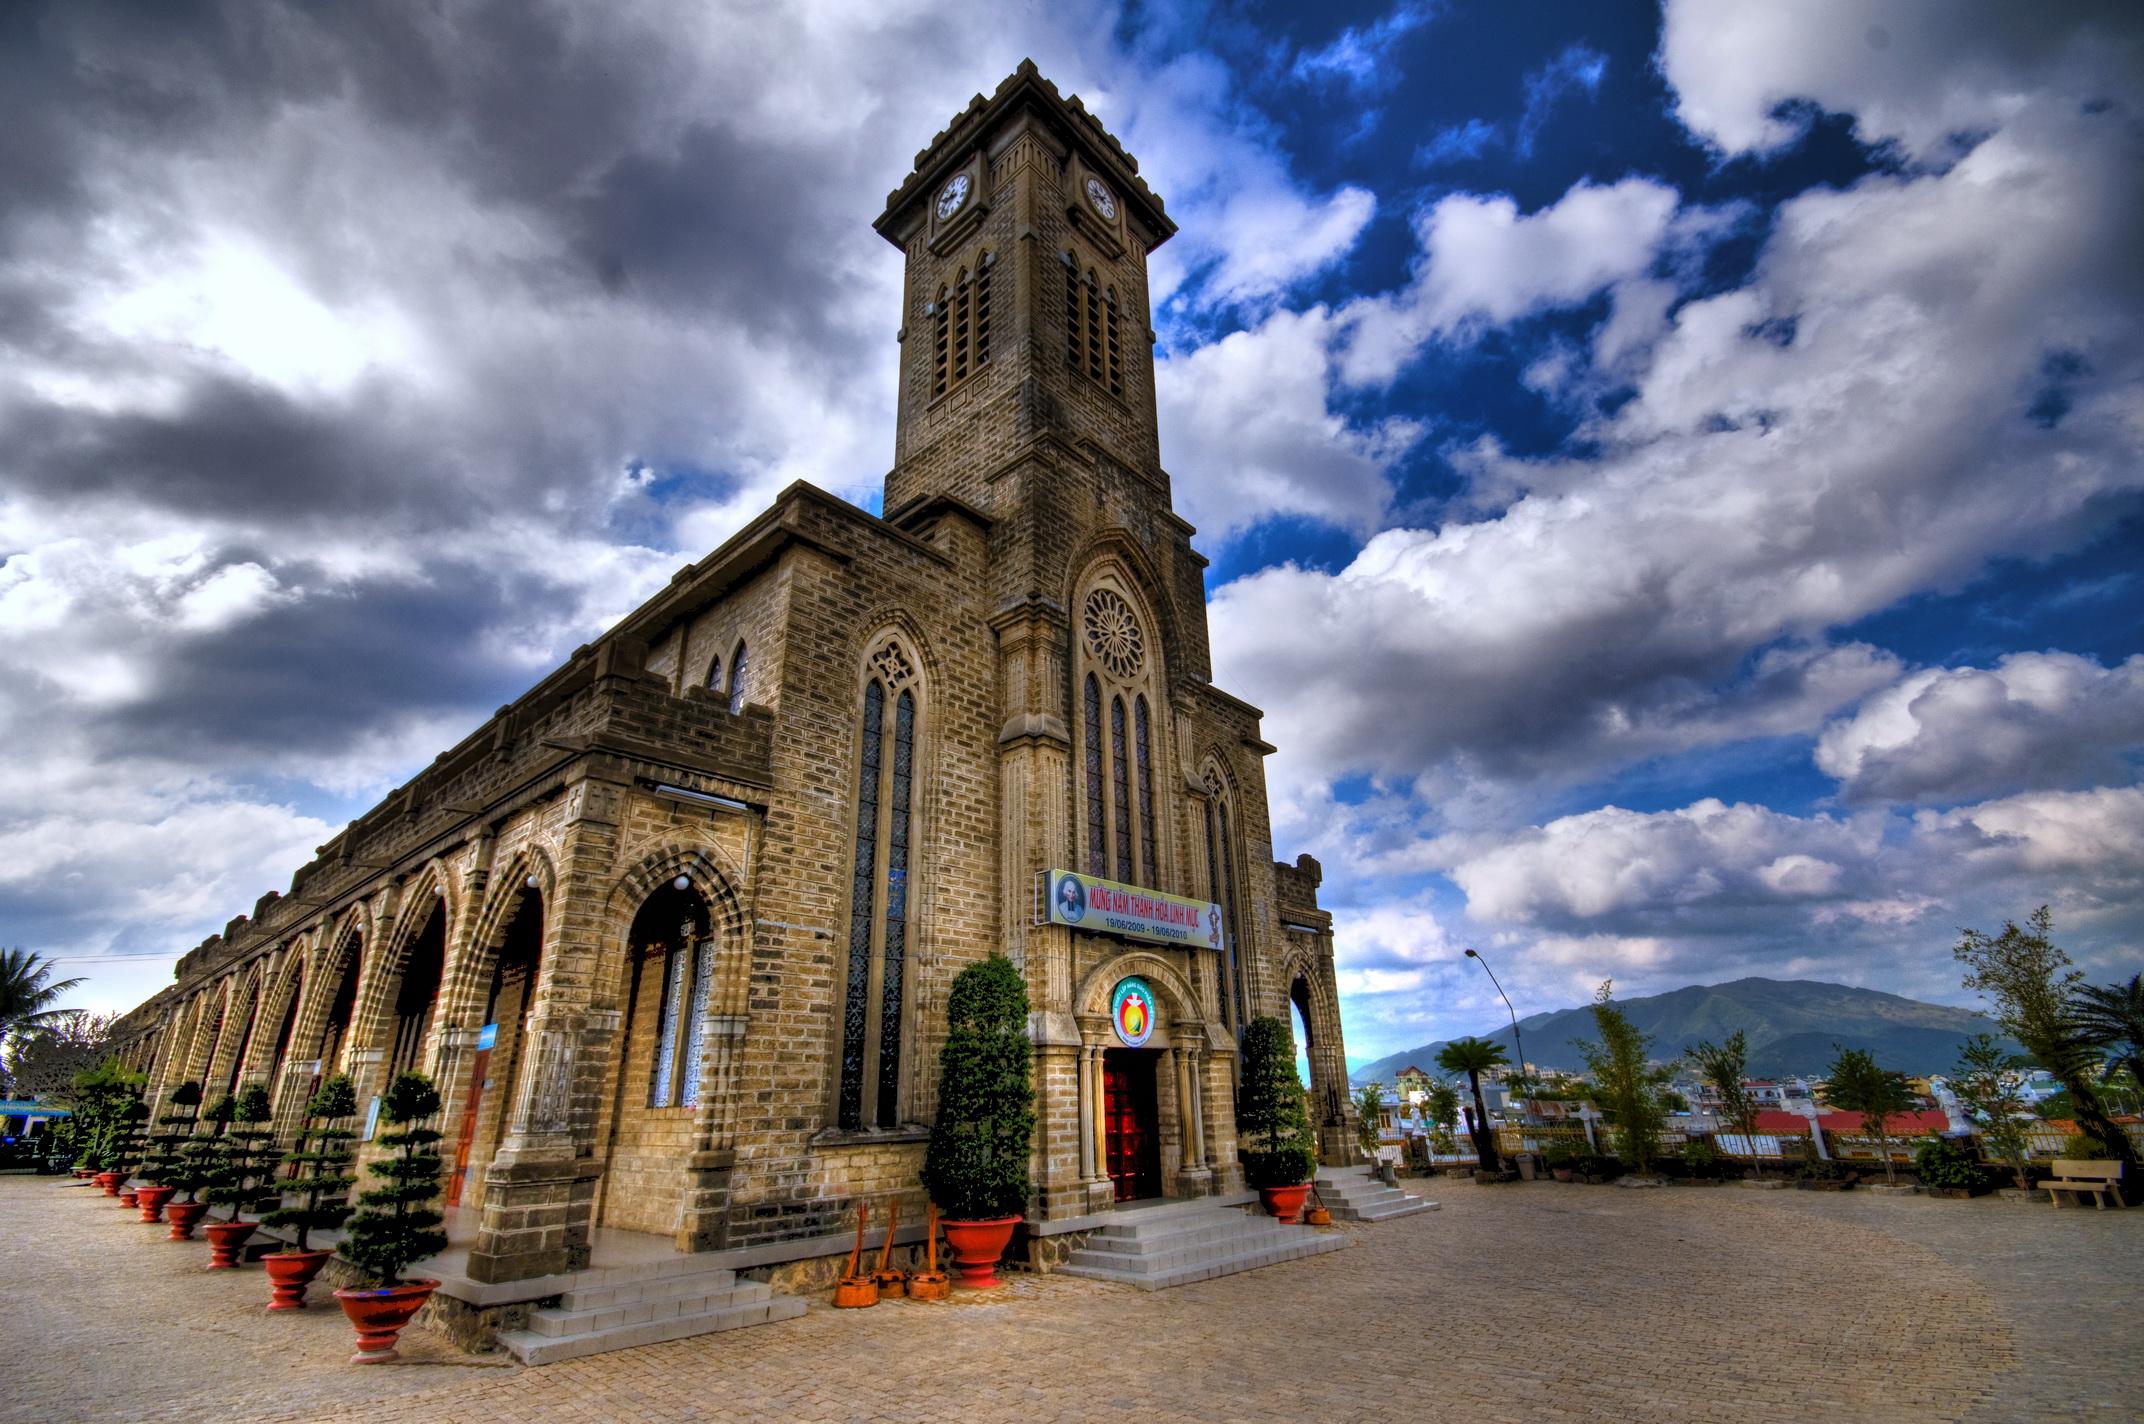 Da Church